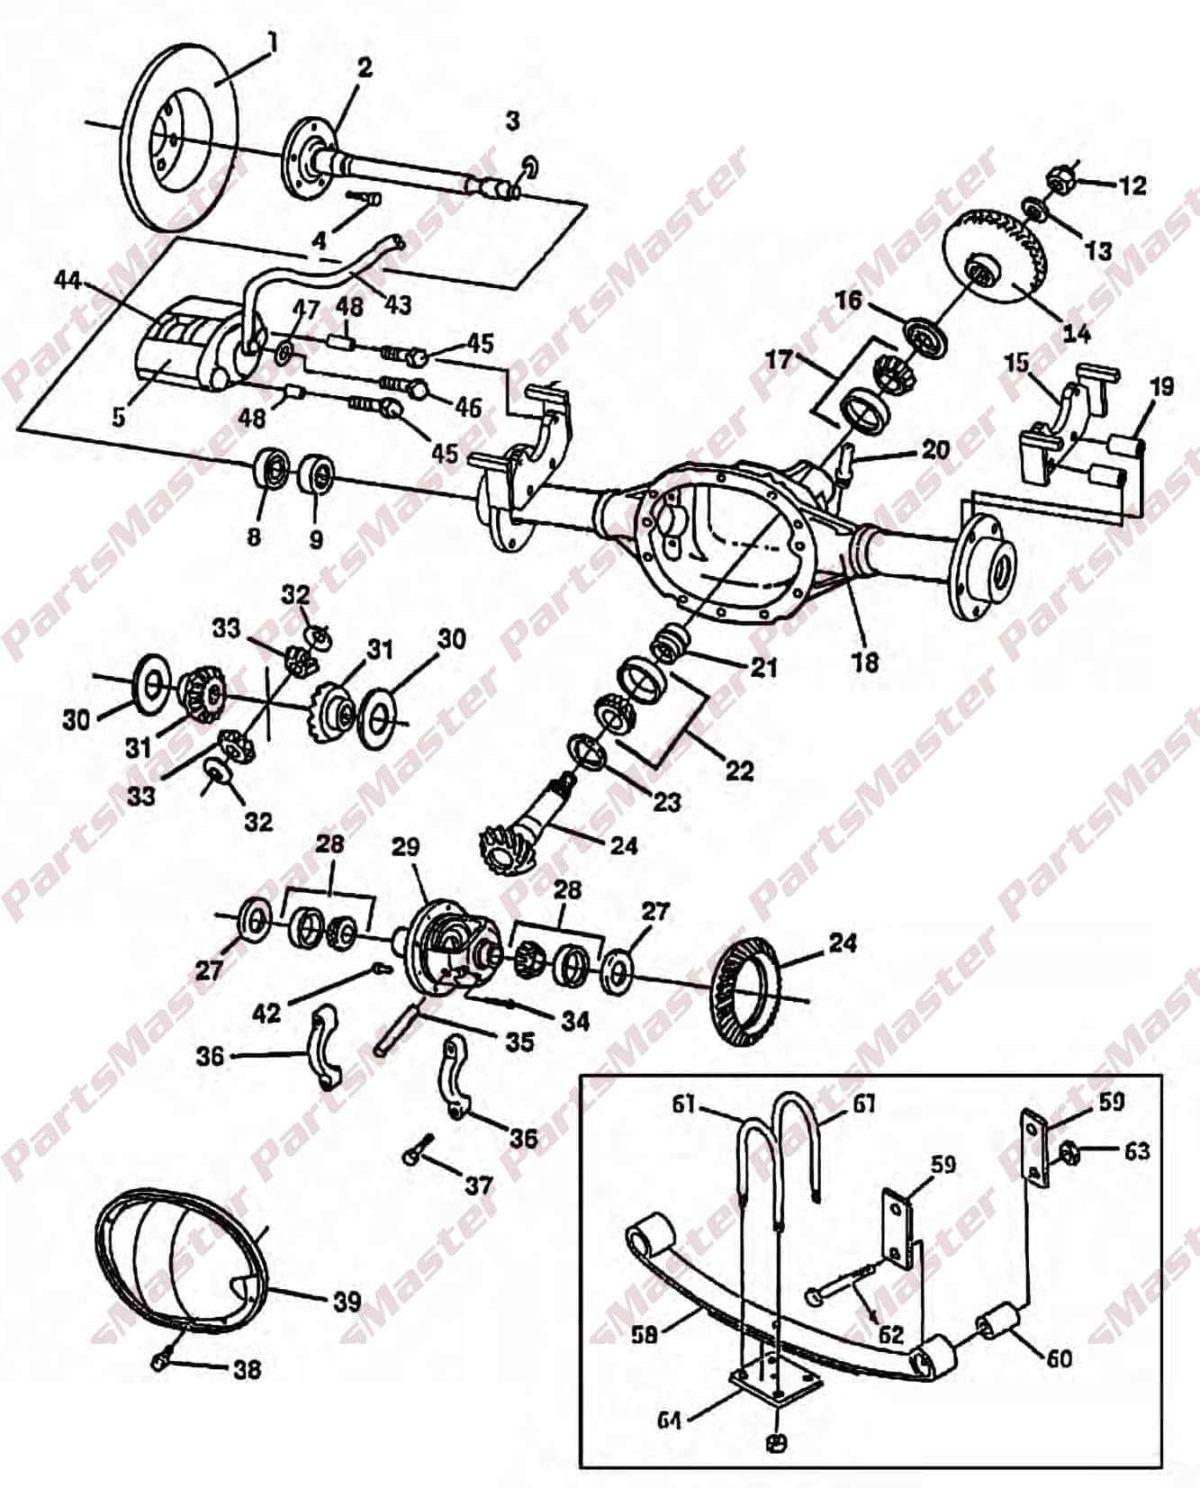 motrec wiring diagram wiring diagram 65 Mustang Wiring Harness motrec wiring diagram wiring diagrammotrec wiring diagram 17 15 depo aqua de u2022motrec 4wd